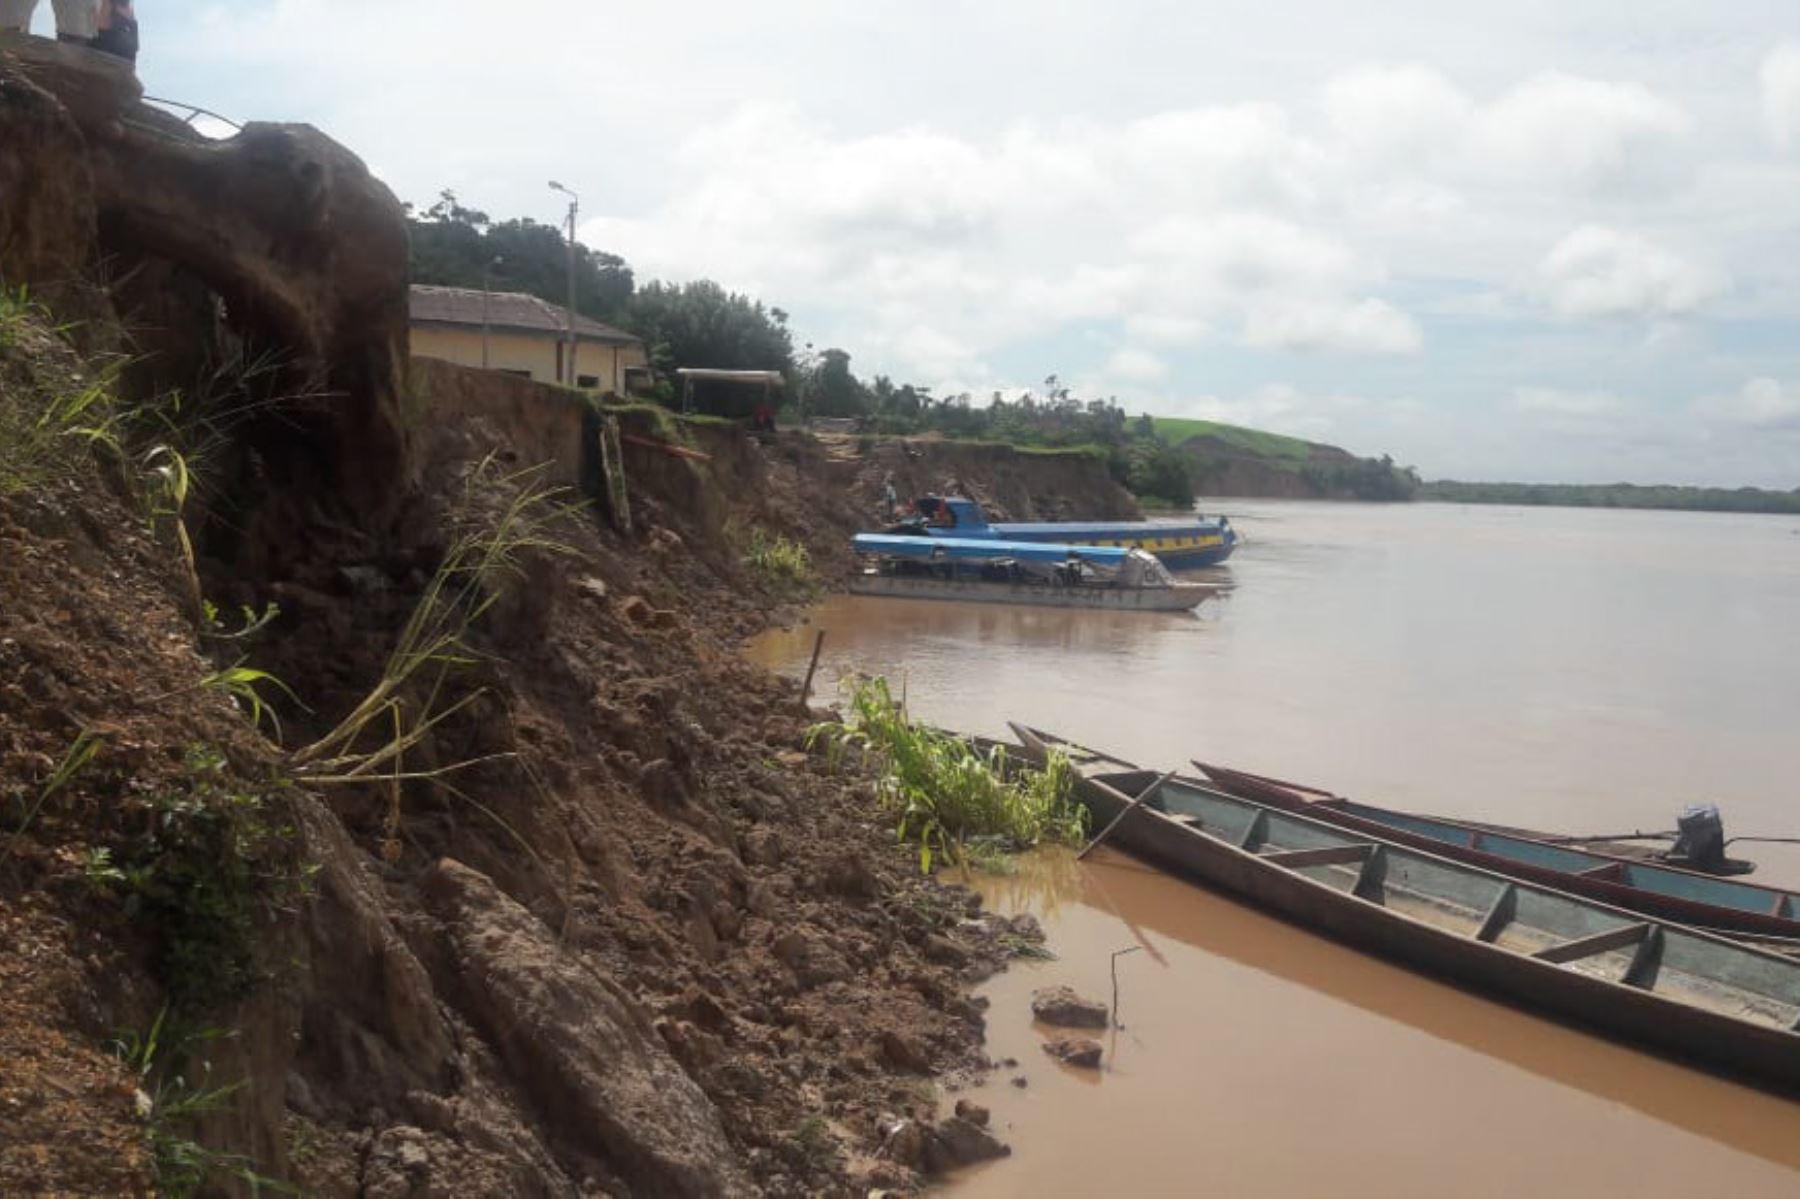 por-lluvias-intensas-rios-de-varias-regiones-se-ubican-en-alerta-naranja-y-amarillo